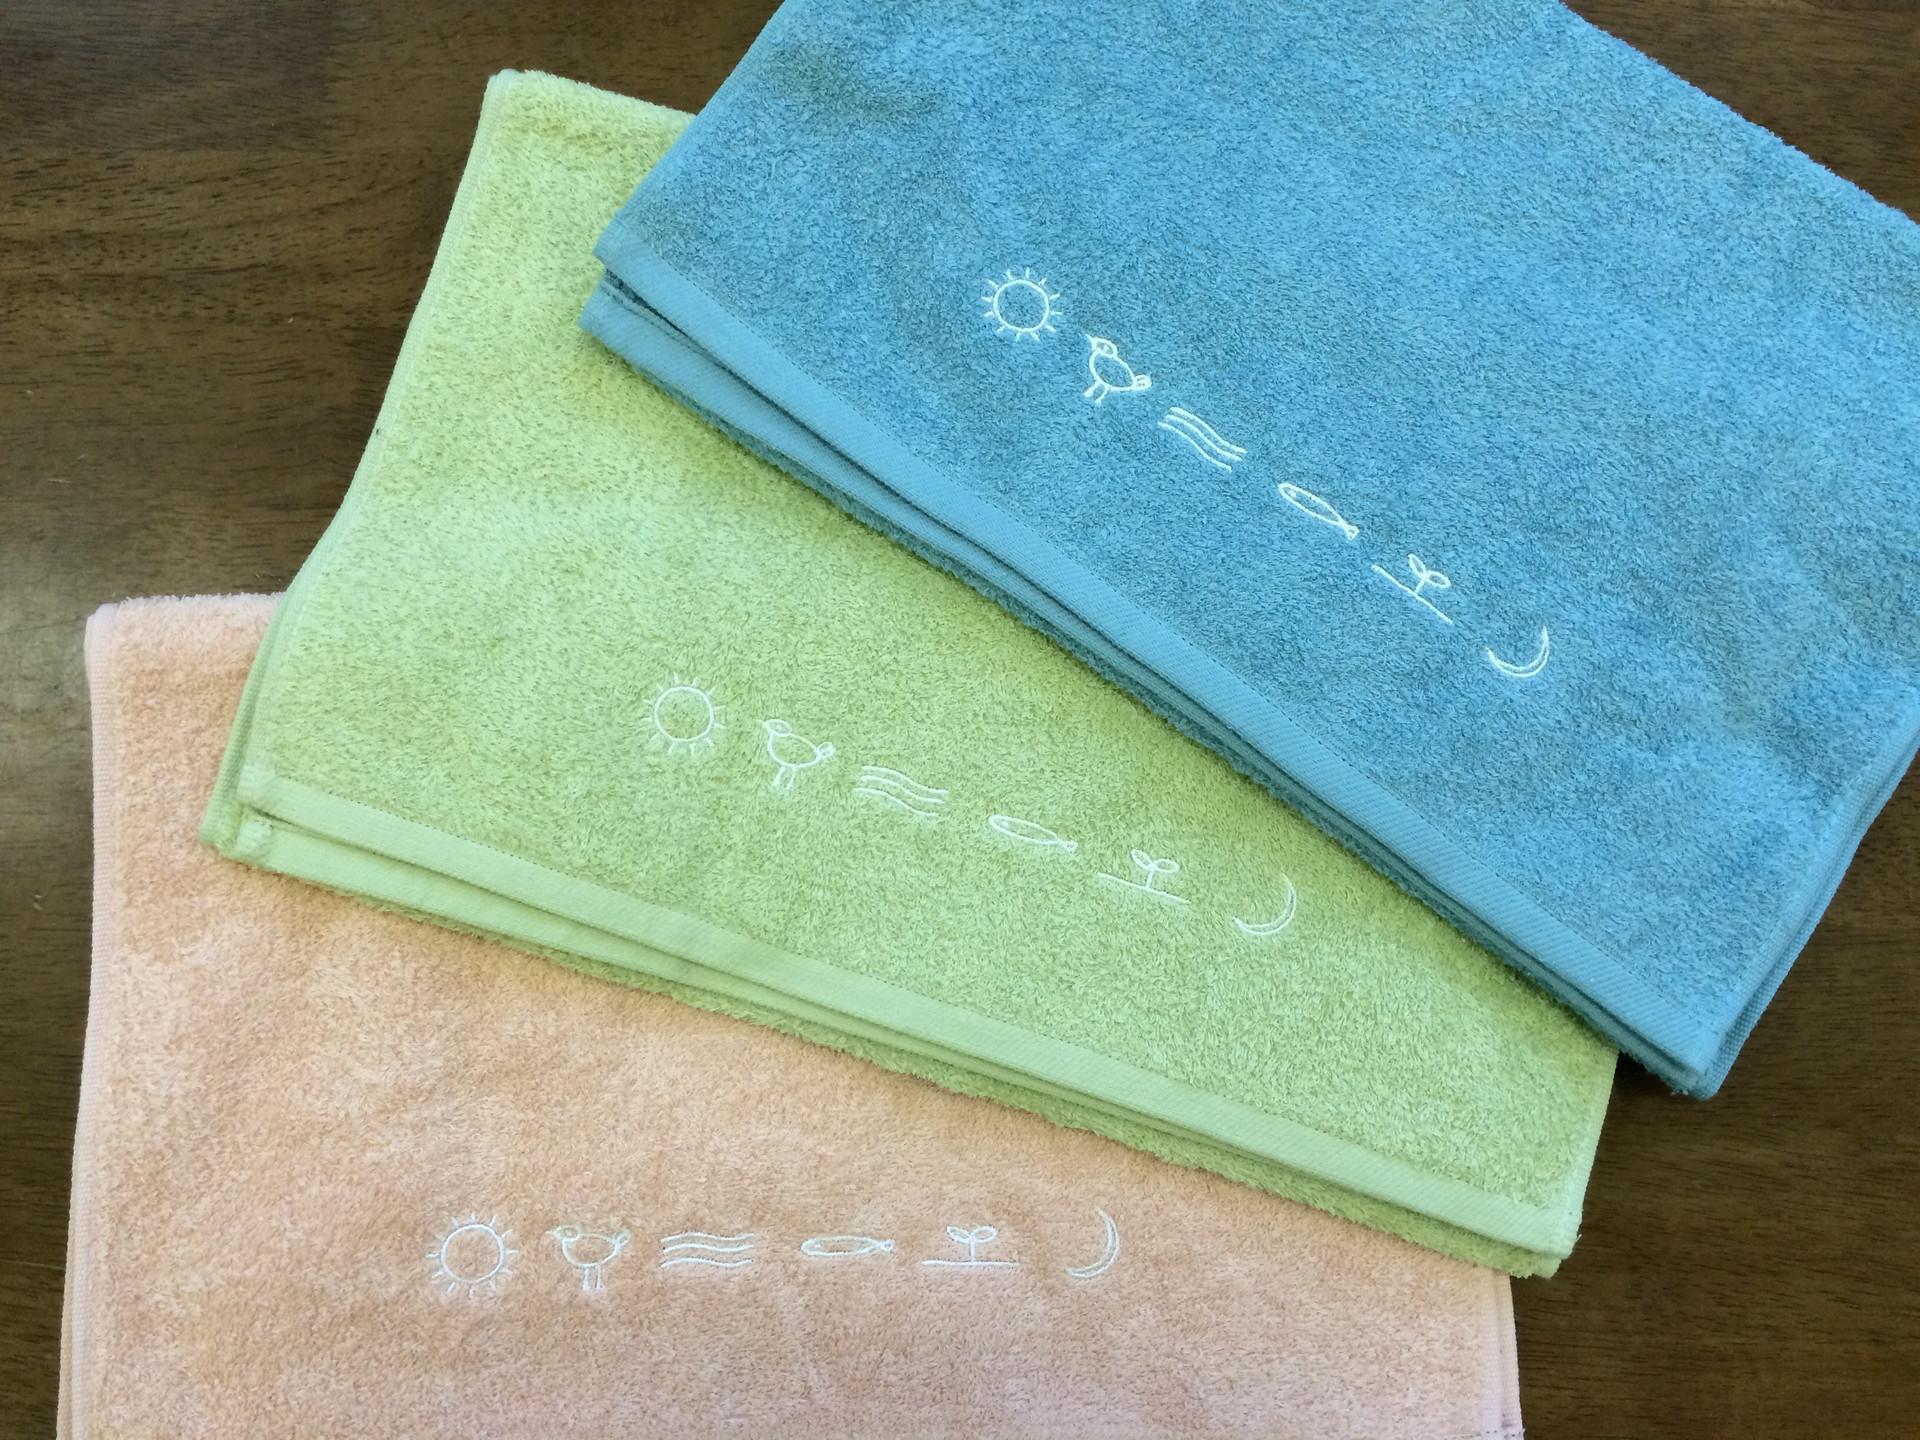 小菅村オリジナルタオルの試作品が届きました!